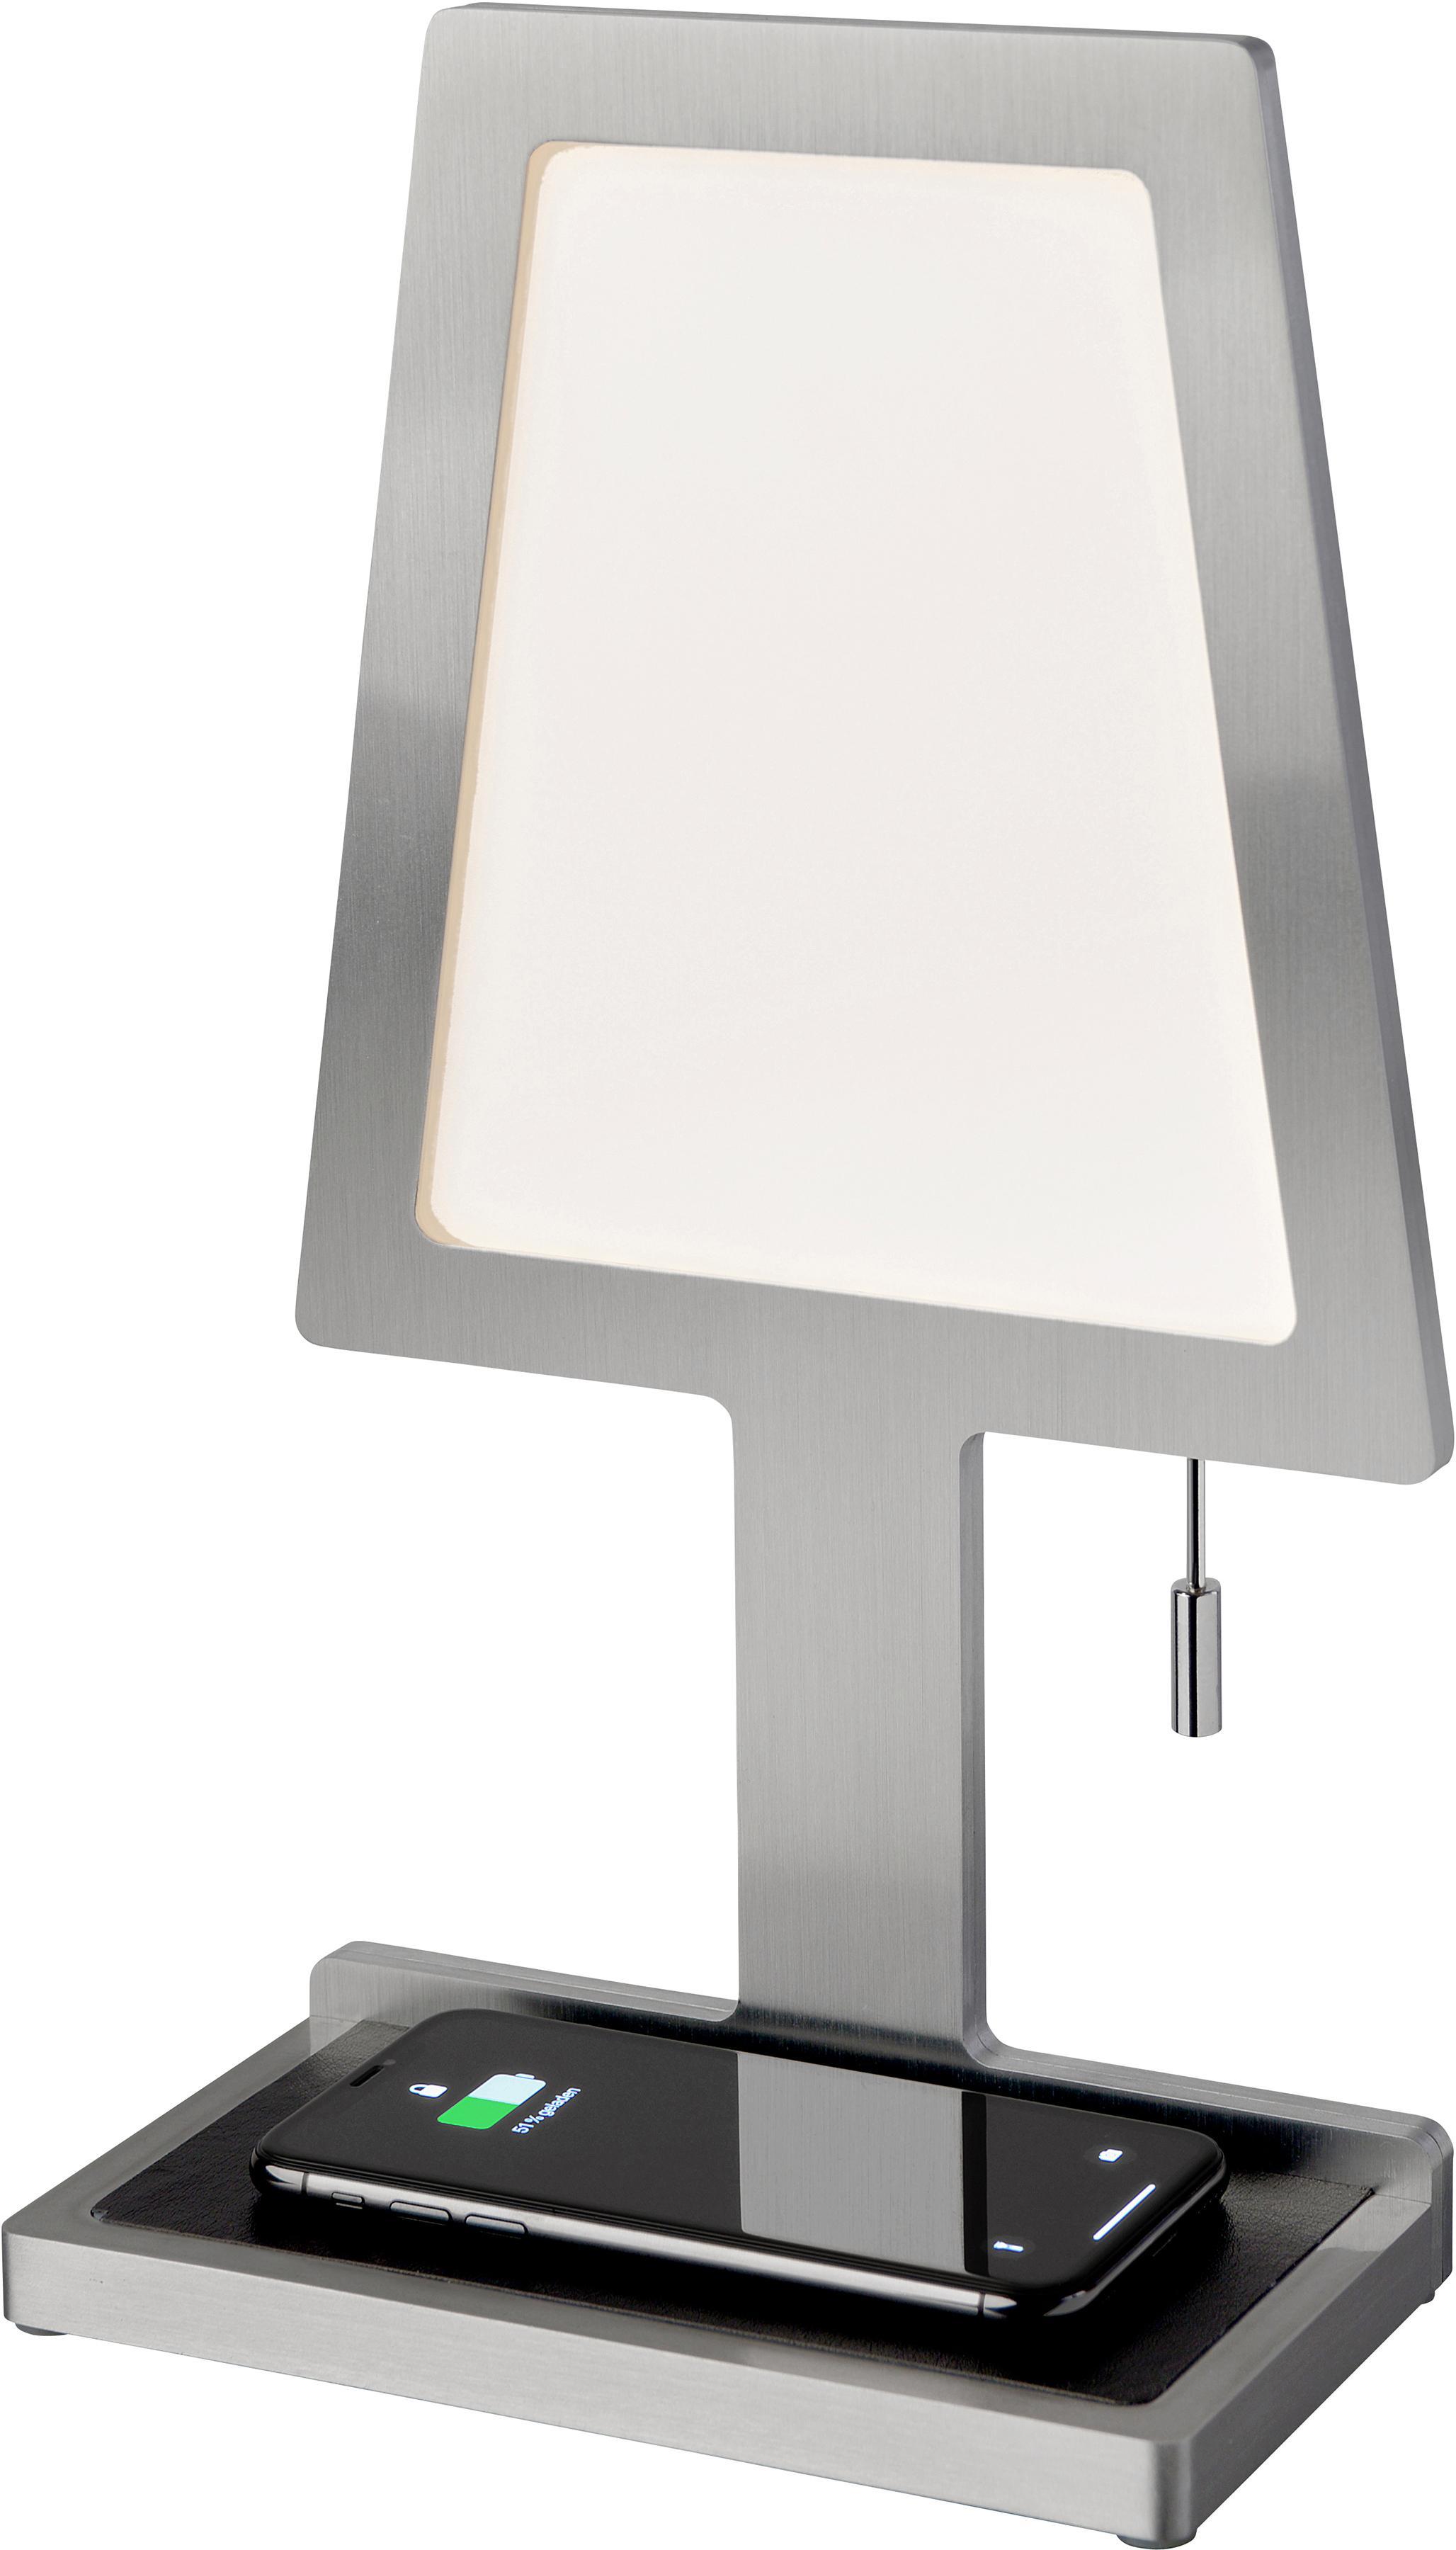 SOMPEX LED Tischleuchte Steve-Phone